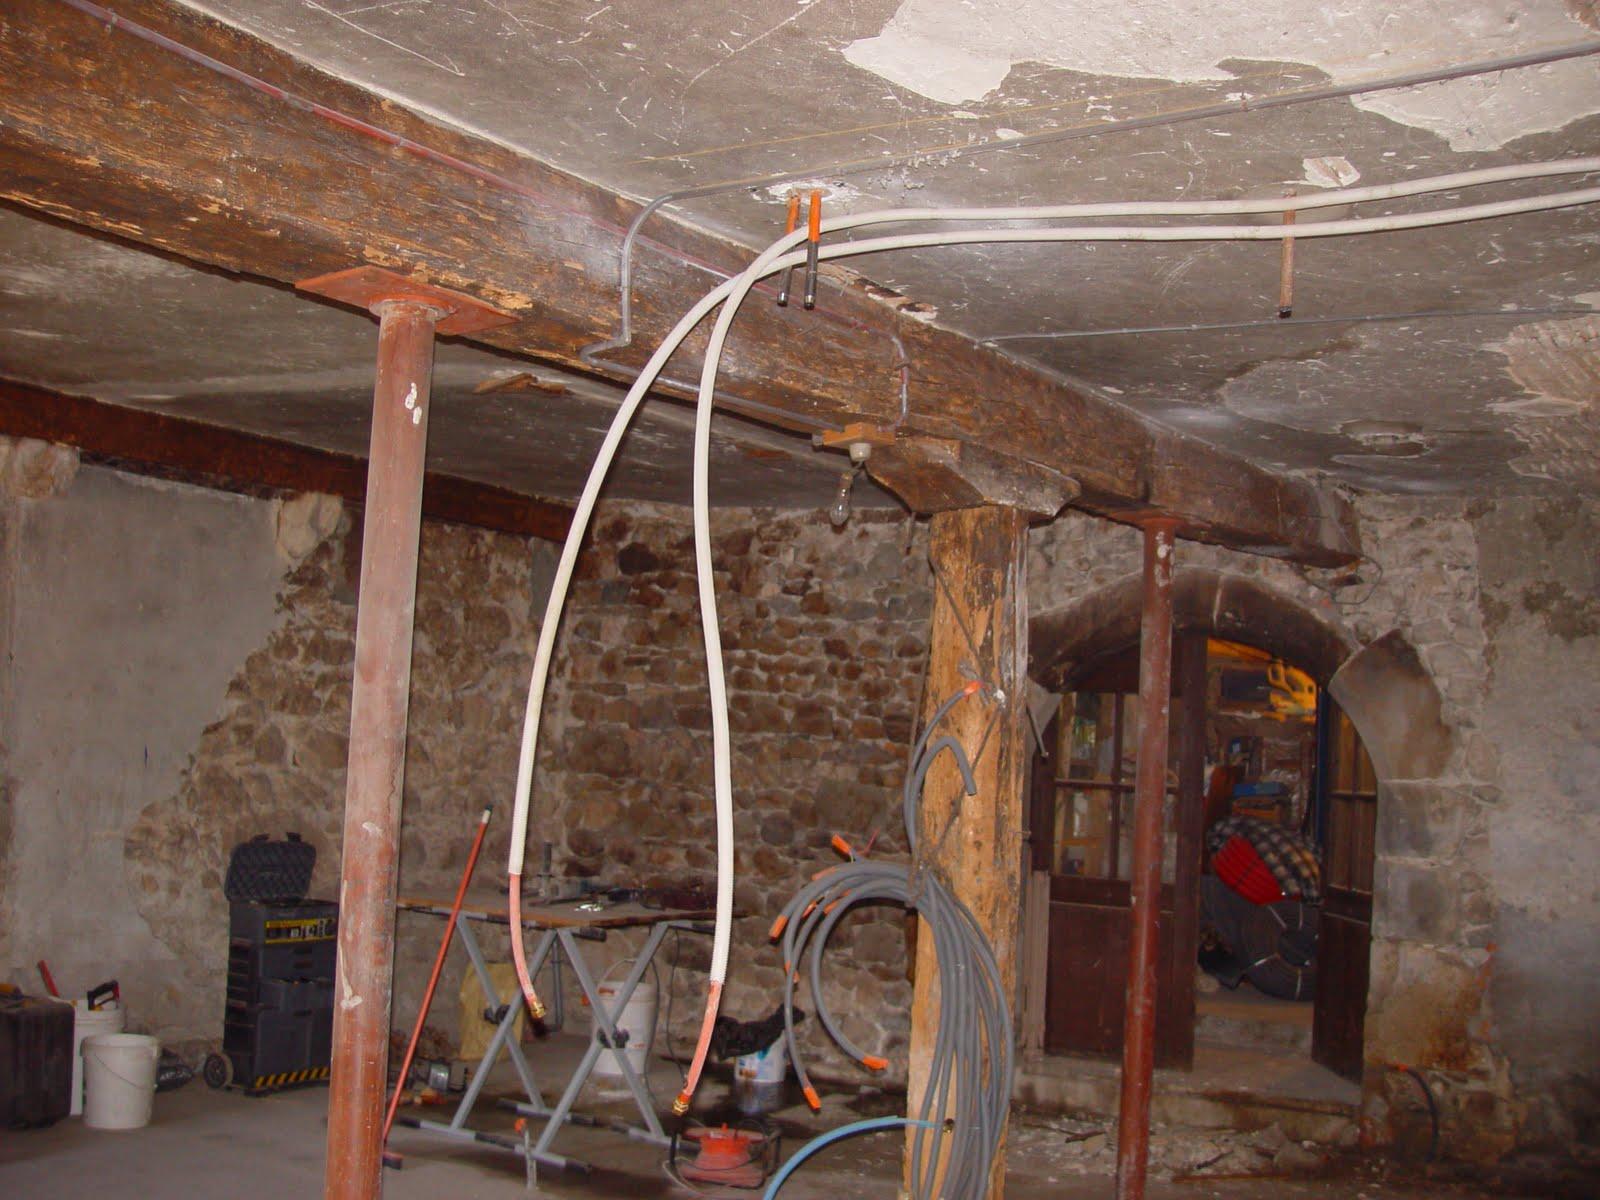 Mes travaux dalle et reprise chauffage - Chauffage par le plafond ...